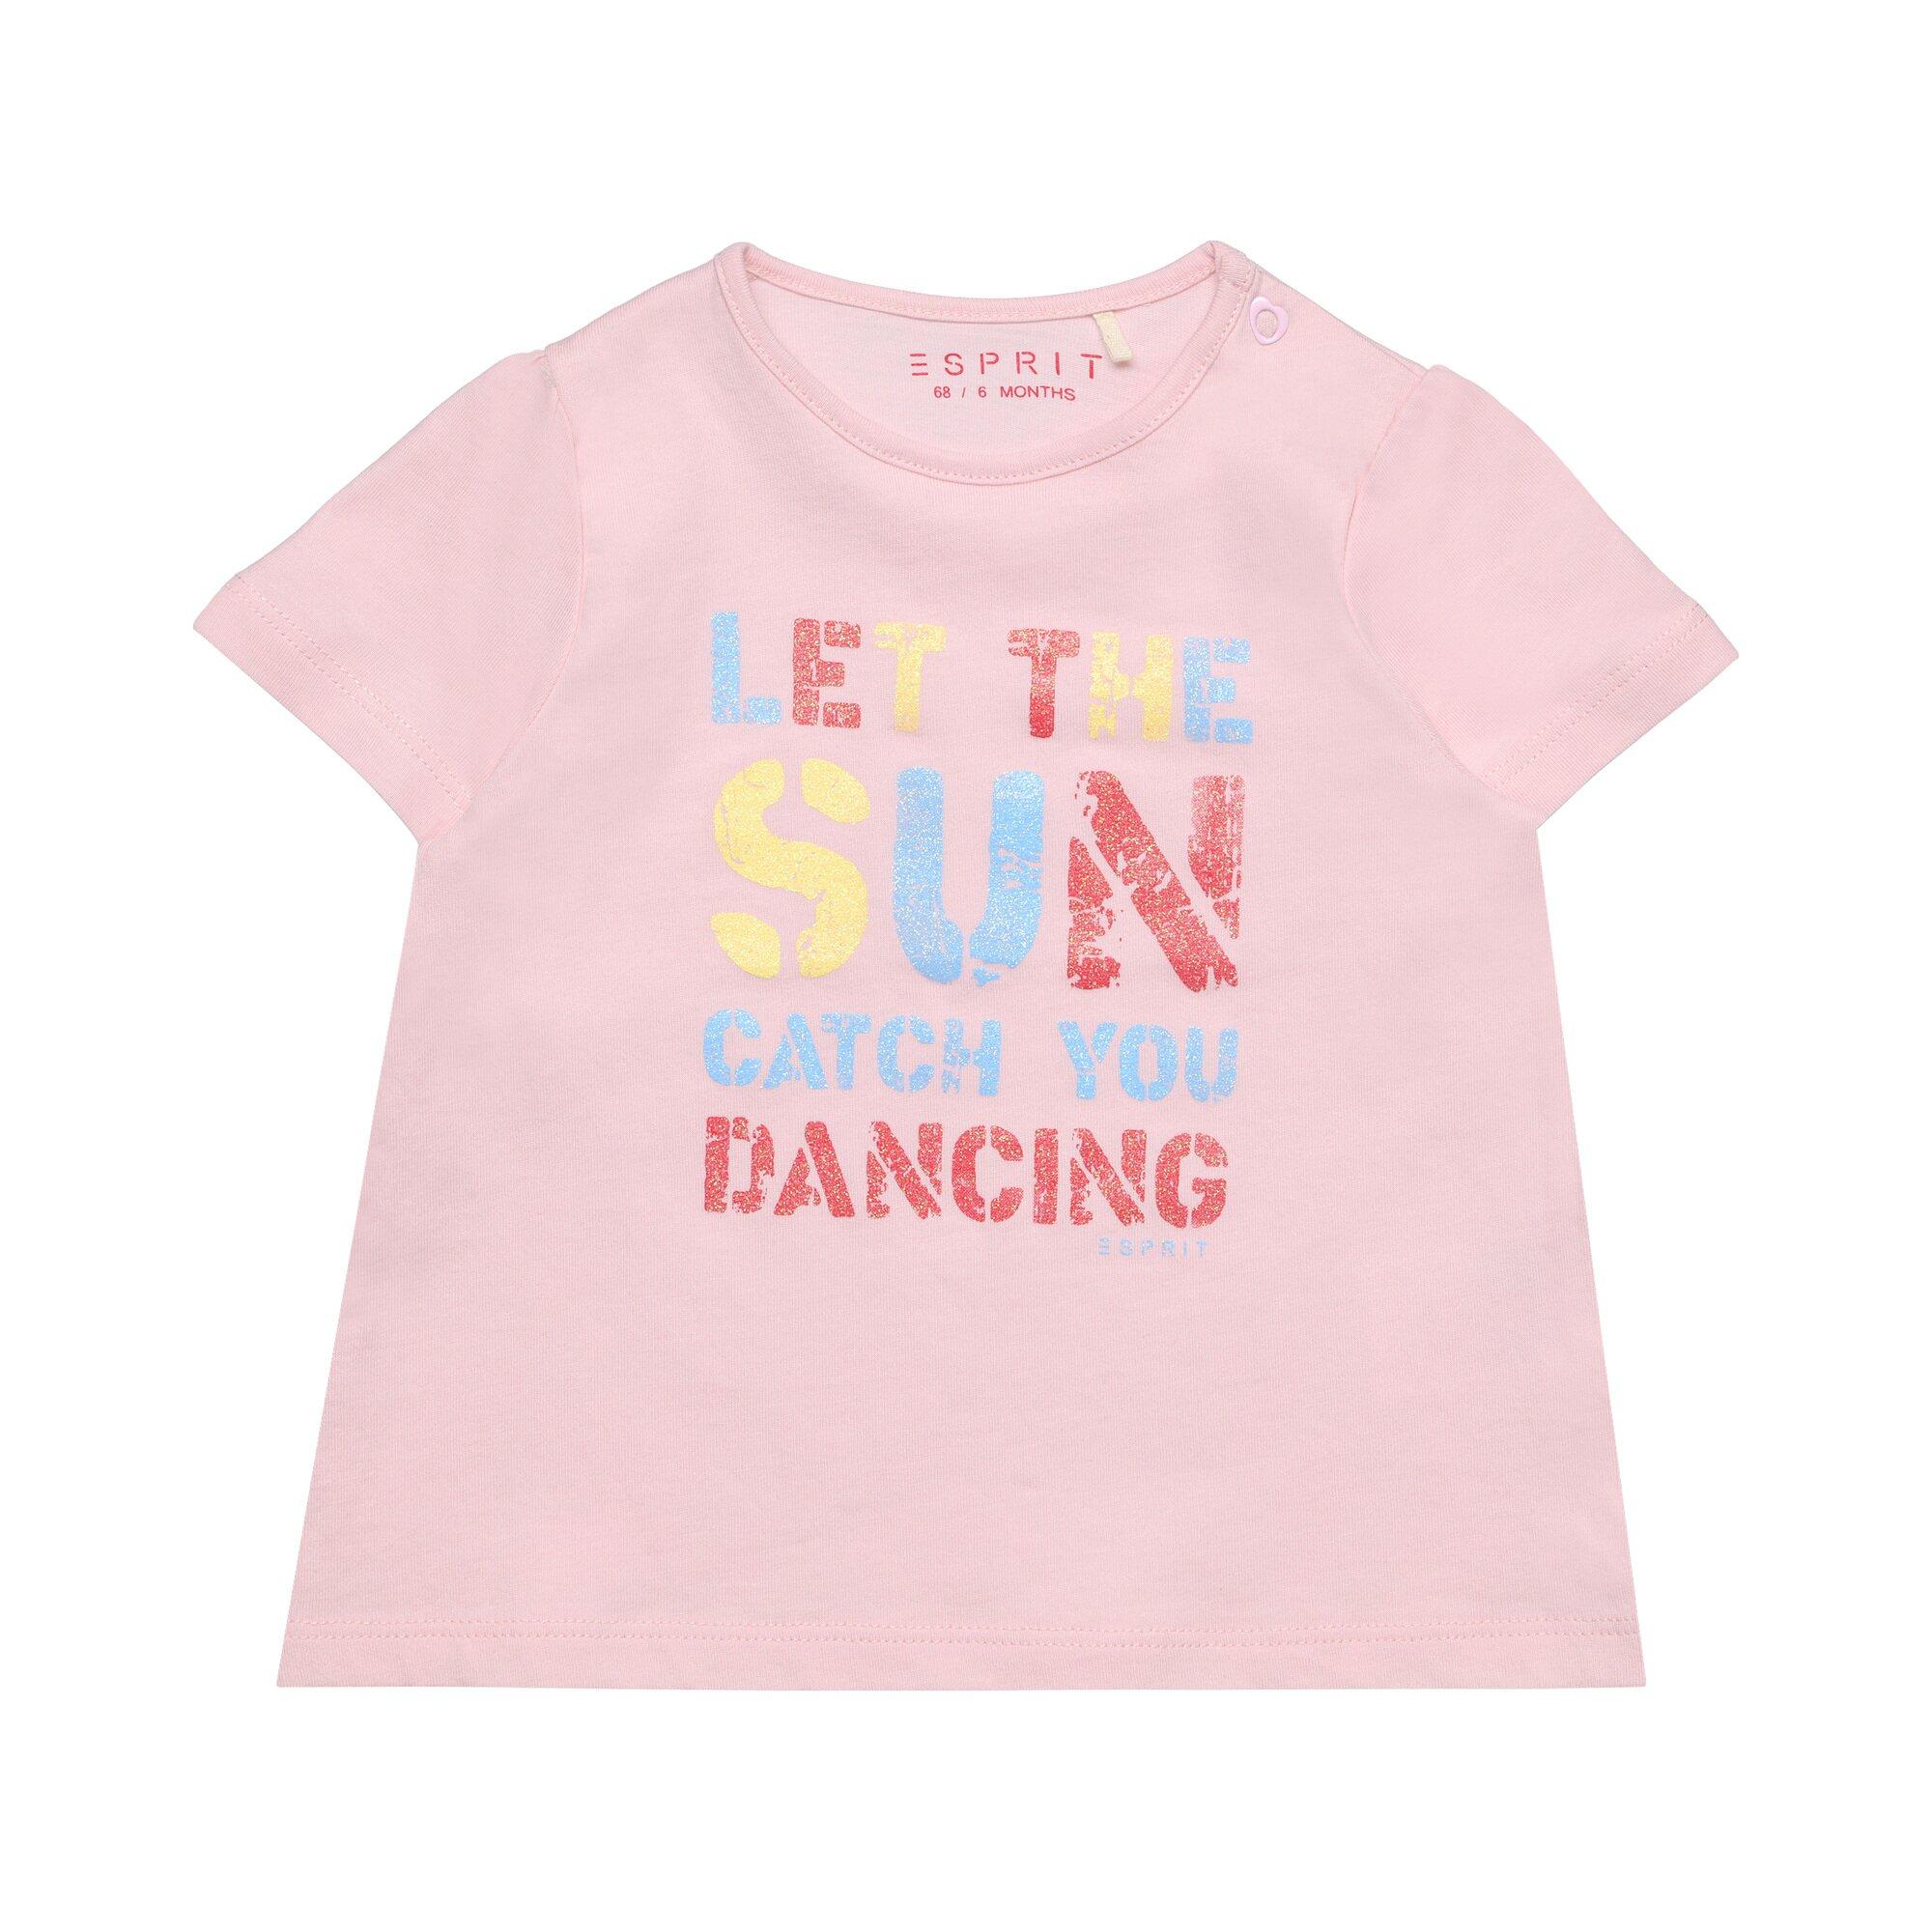 Esprit T-Shirt Let the sun